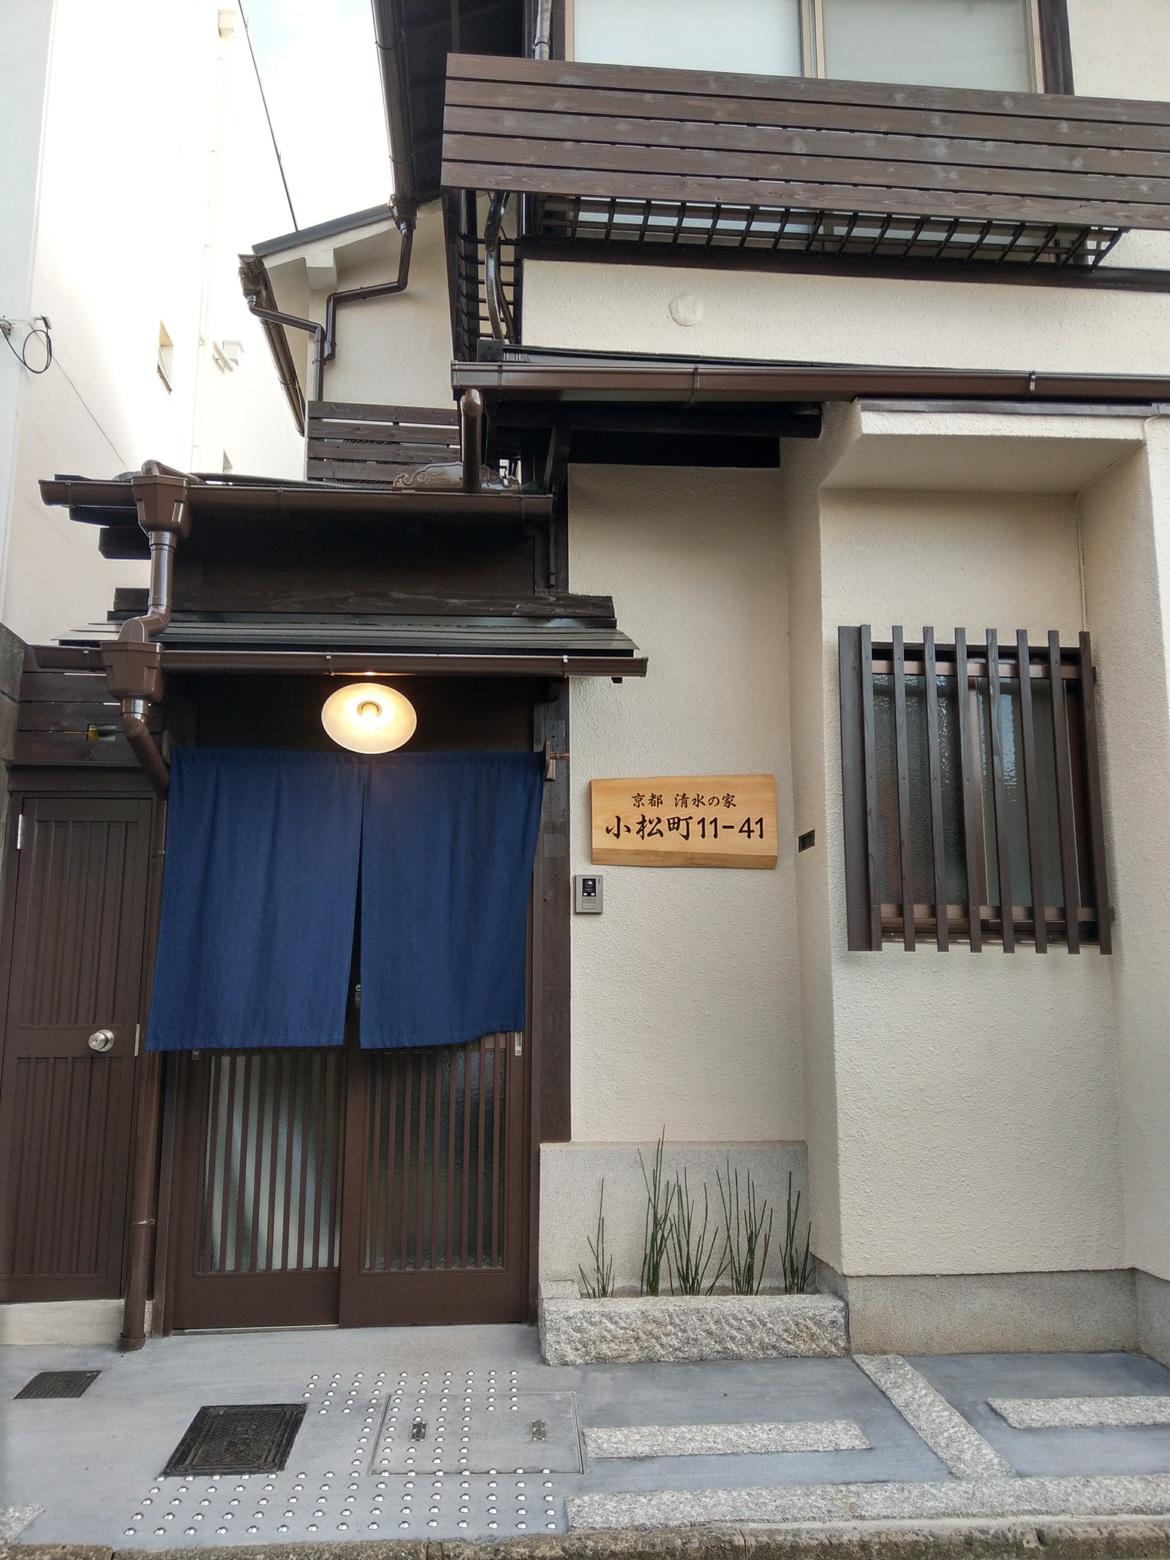 京都 清水の家 小松町11-41